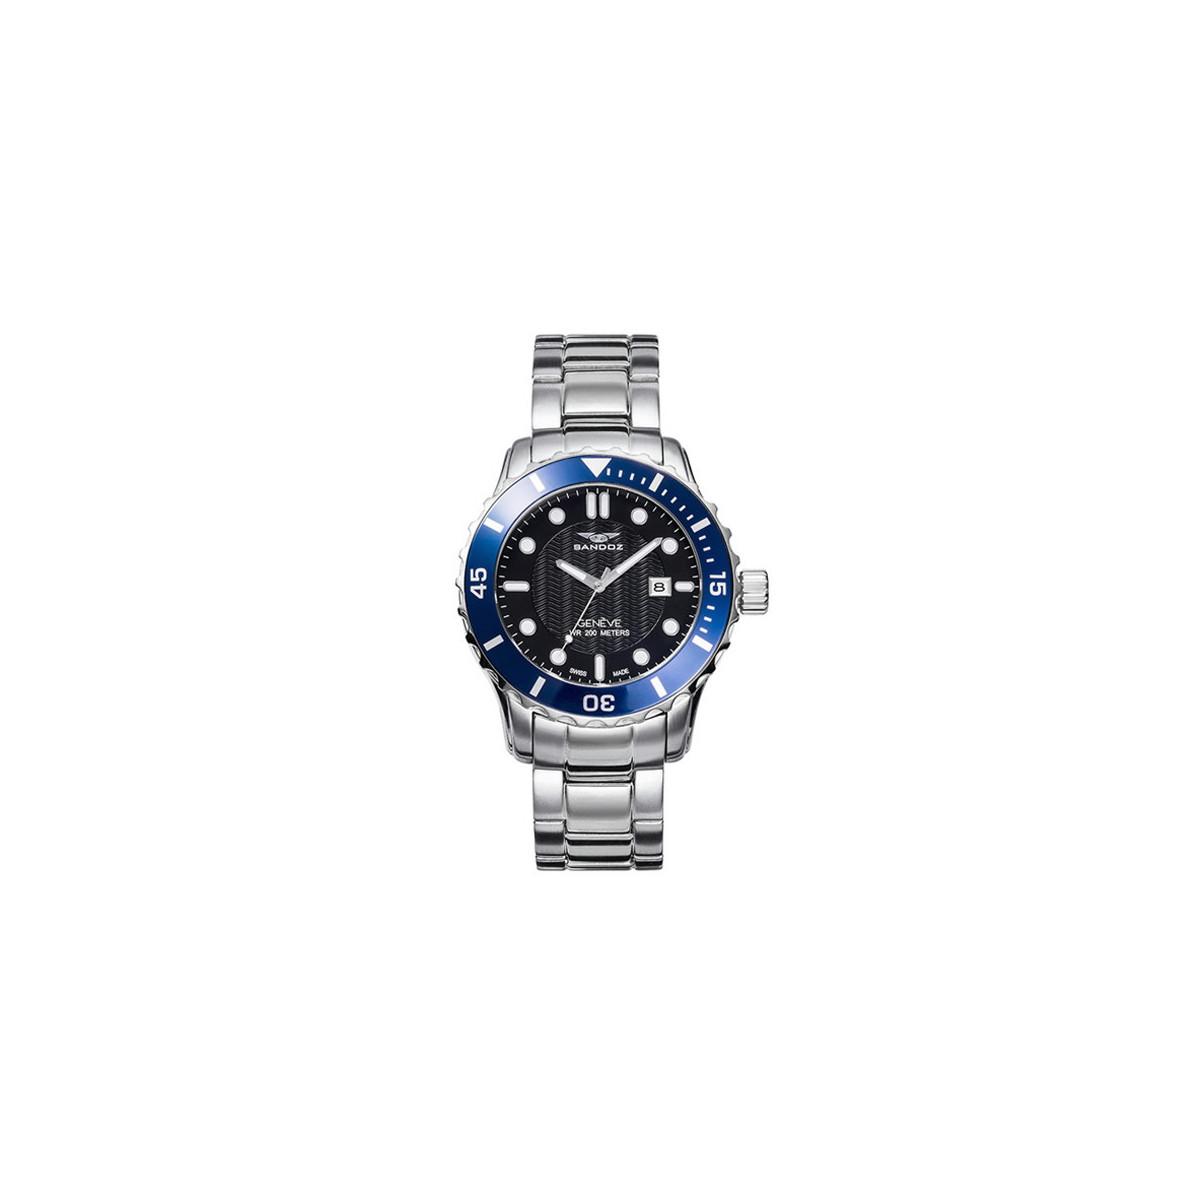 Reloj Sandoz Diver Crono 81393-57